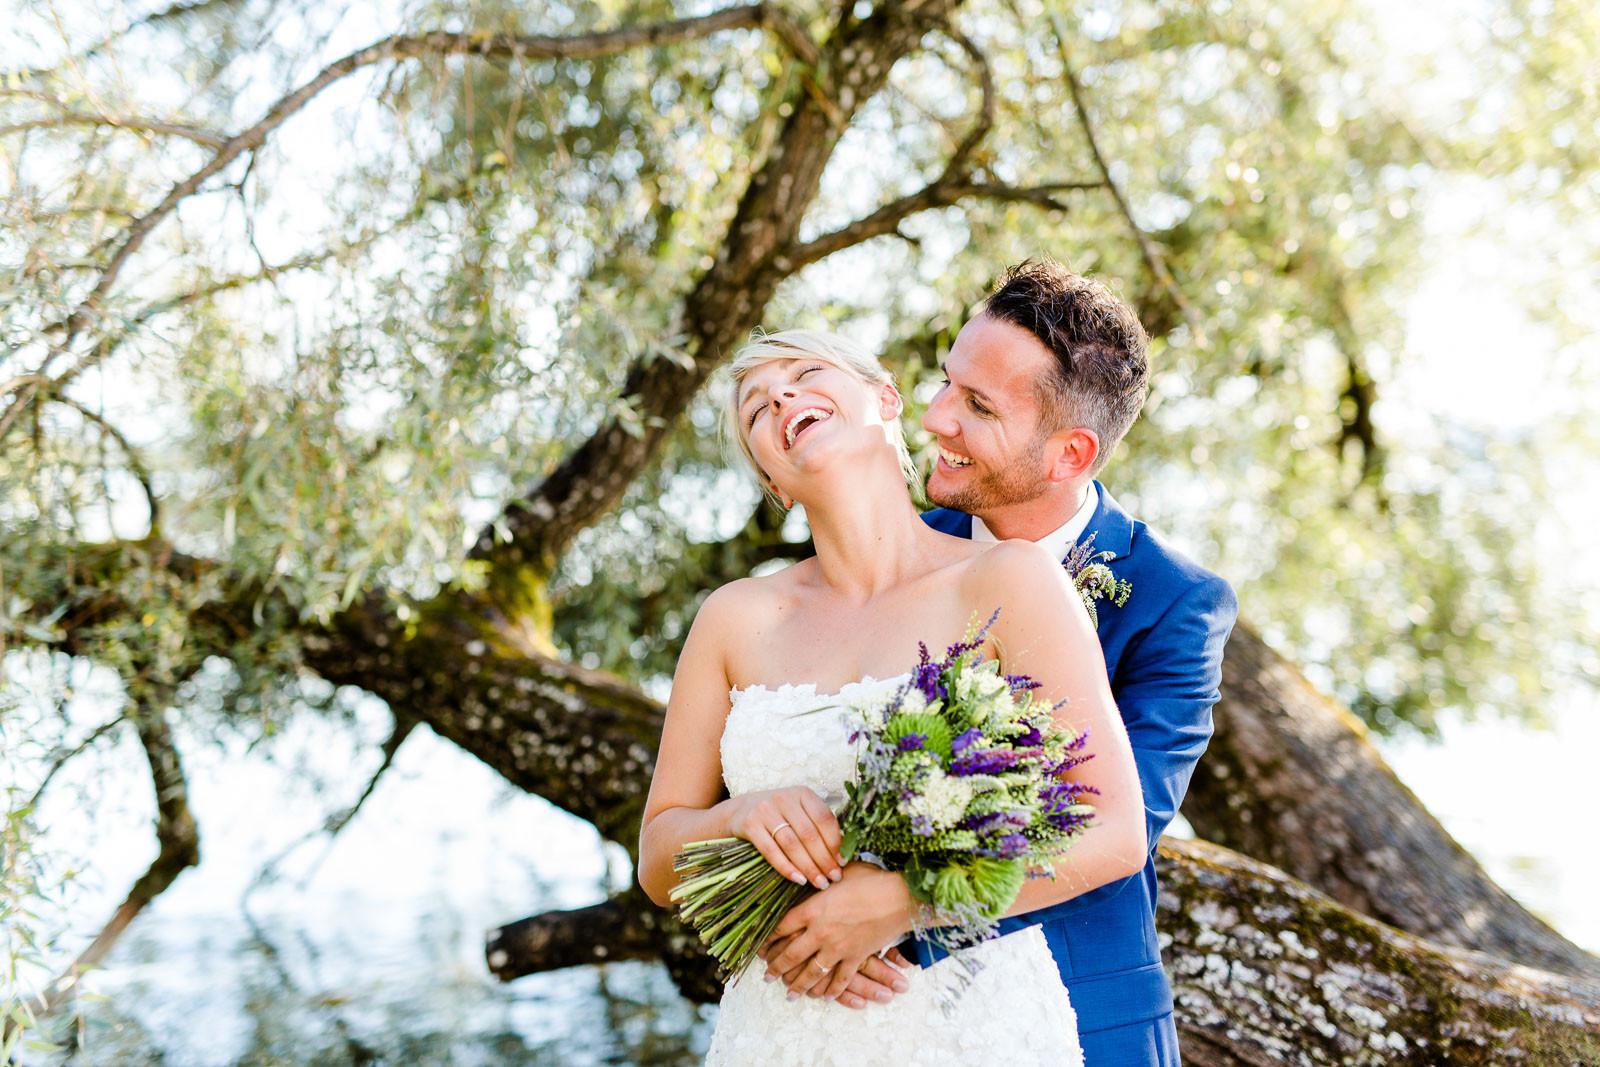 Hochzeit Starnberger See  Sommerliche Hochzeit am Starnberger See Stephanie Smutny